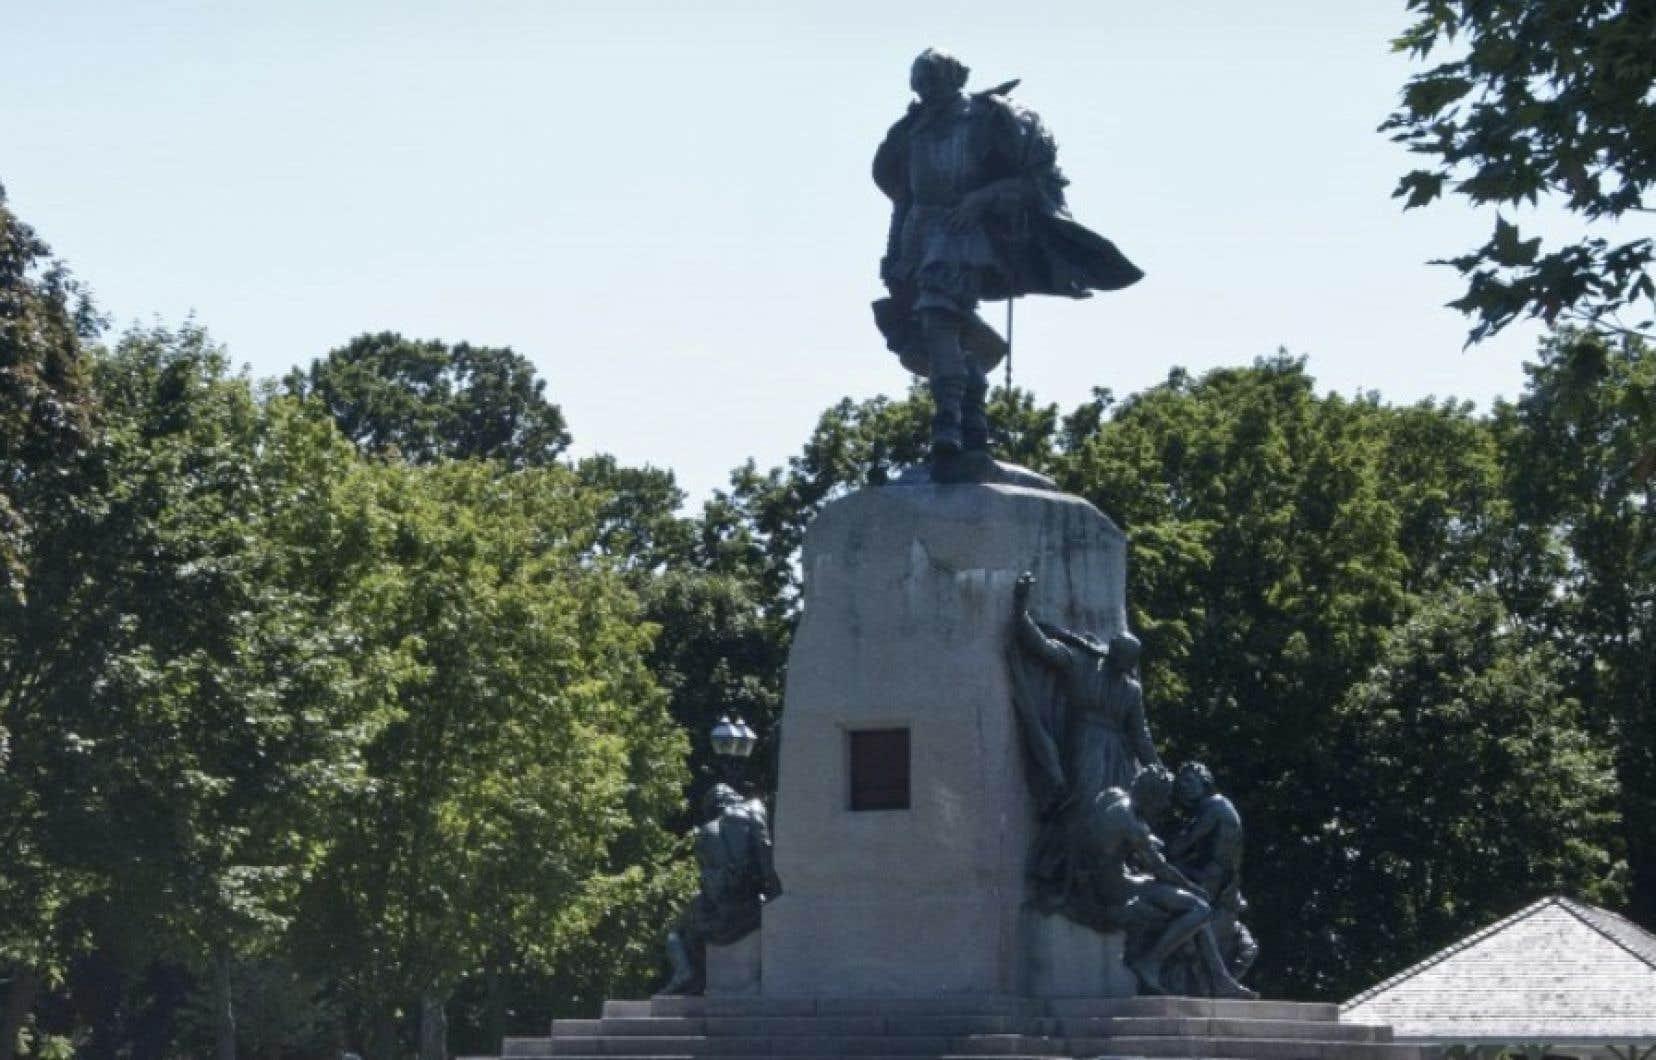 La statue de Samuel de Champlain visait à souligner l'arrivée sur le territoire ontarien des colons européens et à réconcilier les différends entre le Canada français et le Canada anglais.